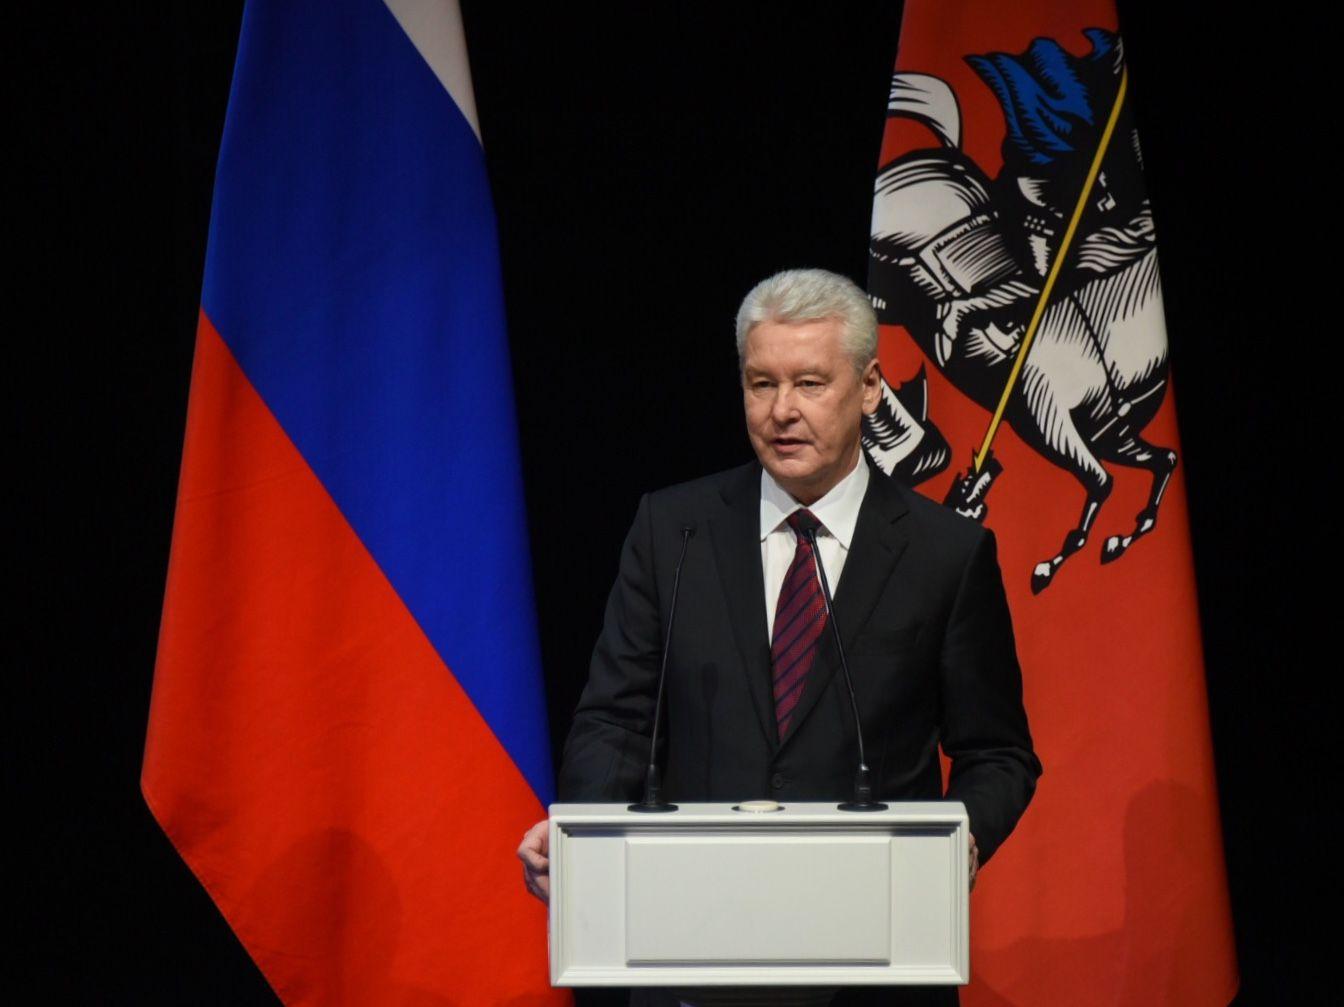 Сергей Собянин: 15 мая откроется выставка «АРХ Москва»